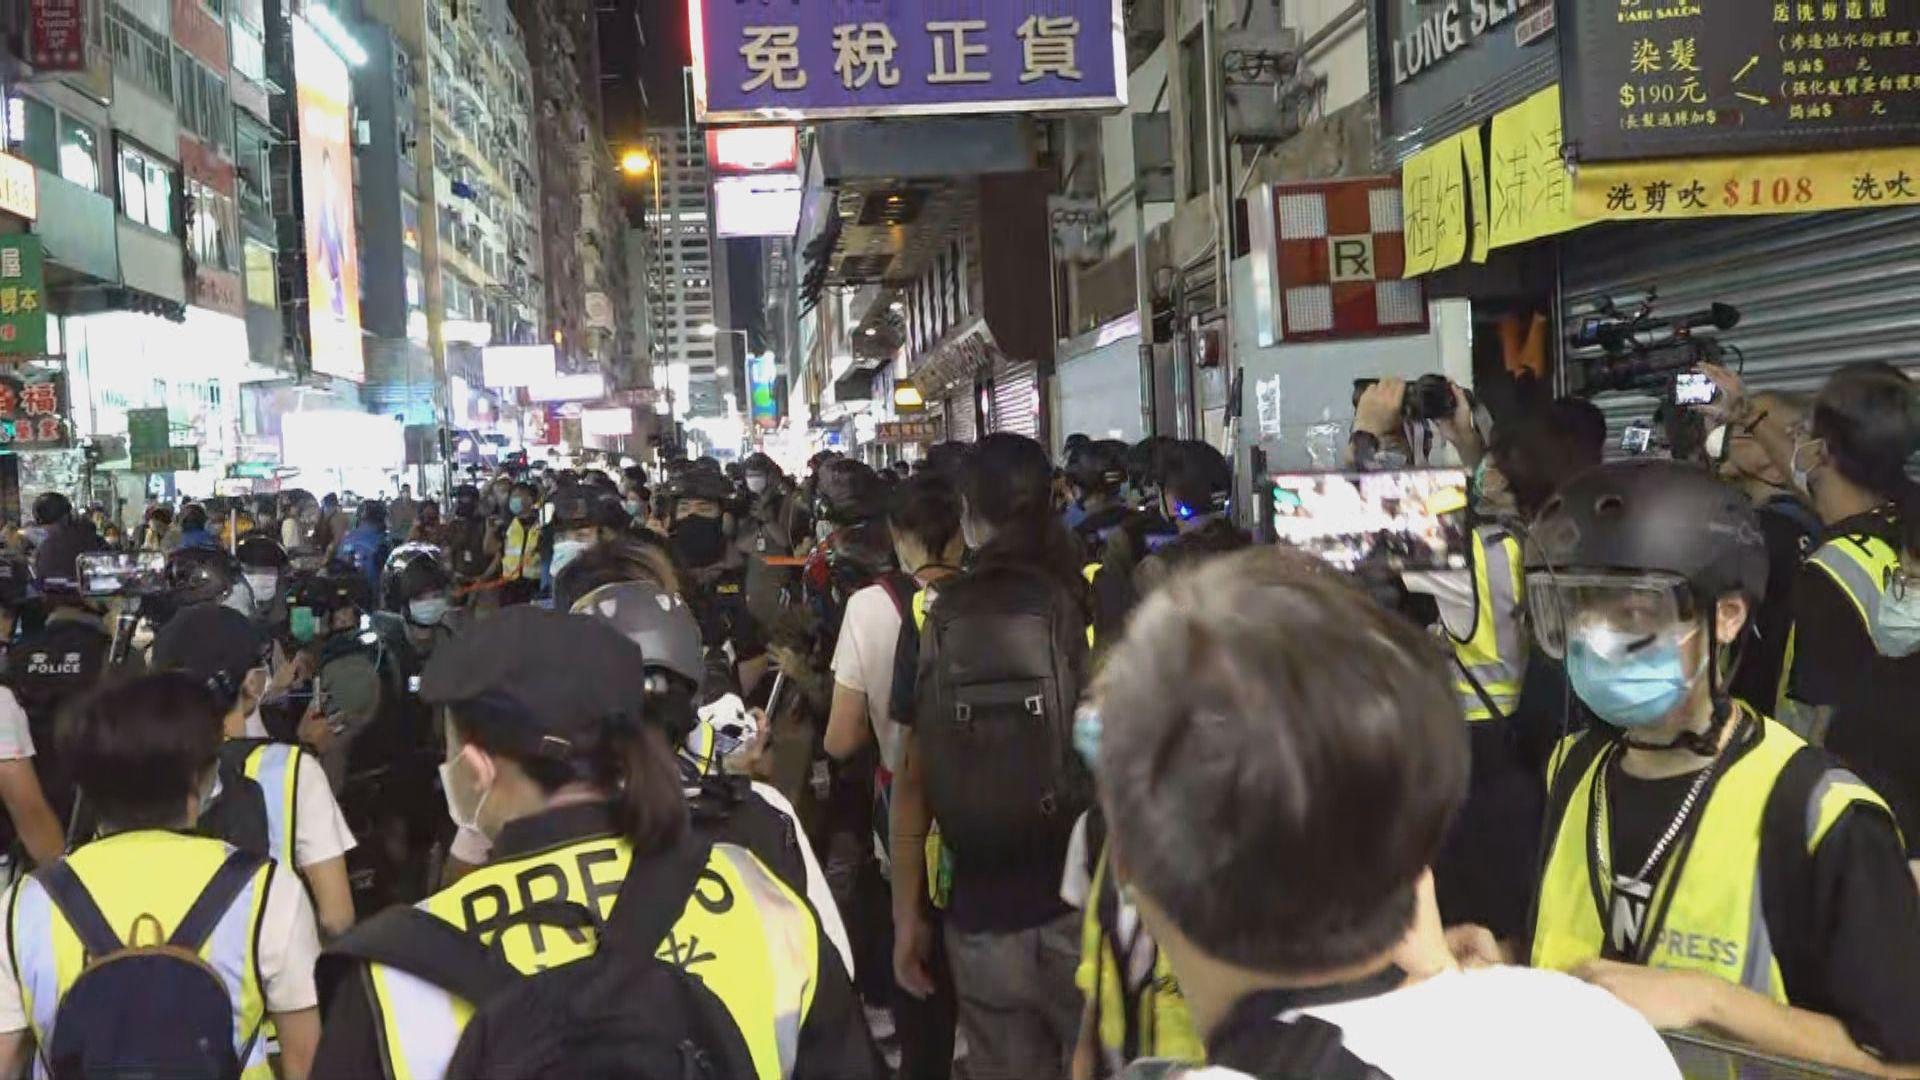 日本《產經新聞》:一名日籍自由記者於831事件一周年晚上被捕